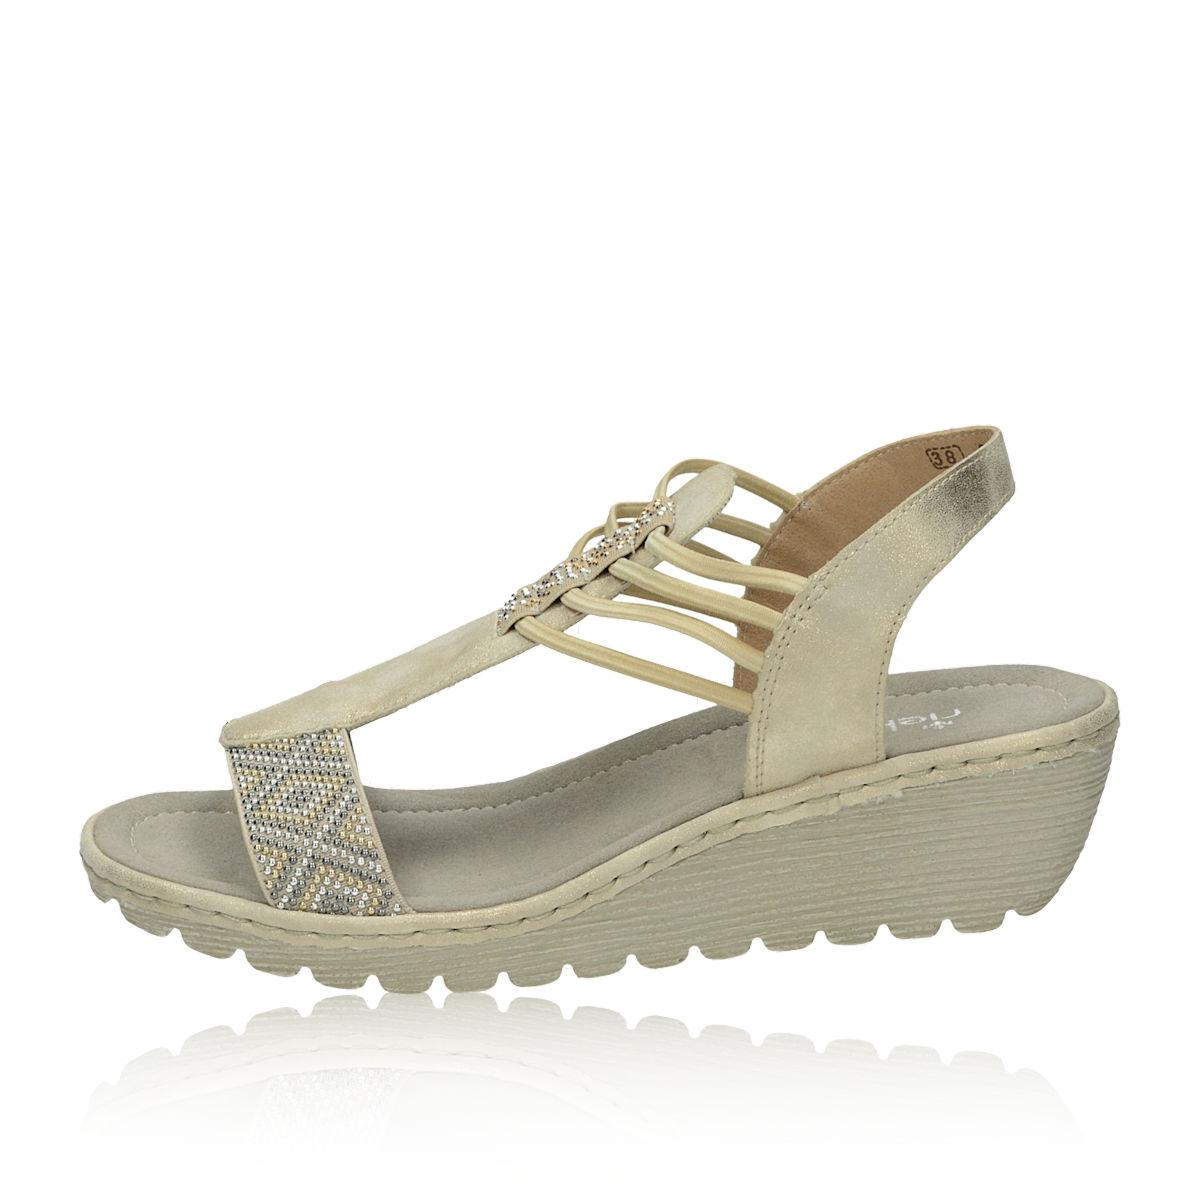 ... Rieker dámske elegantné sandále s ozdobnými kamienkami - béžové ... 9ca537f01f0